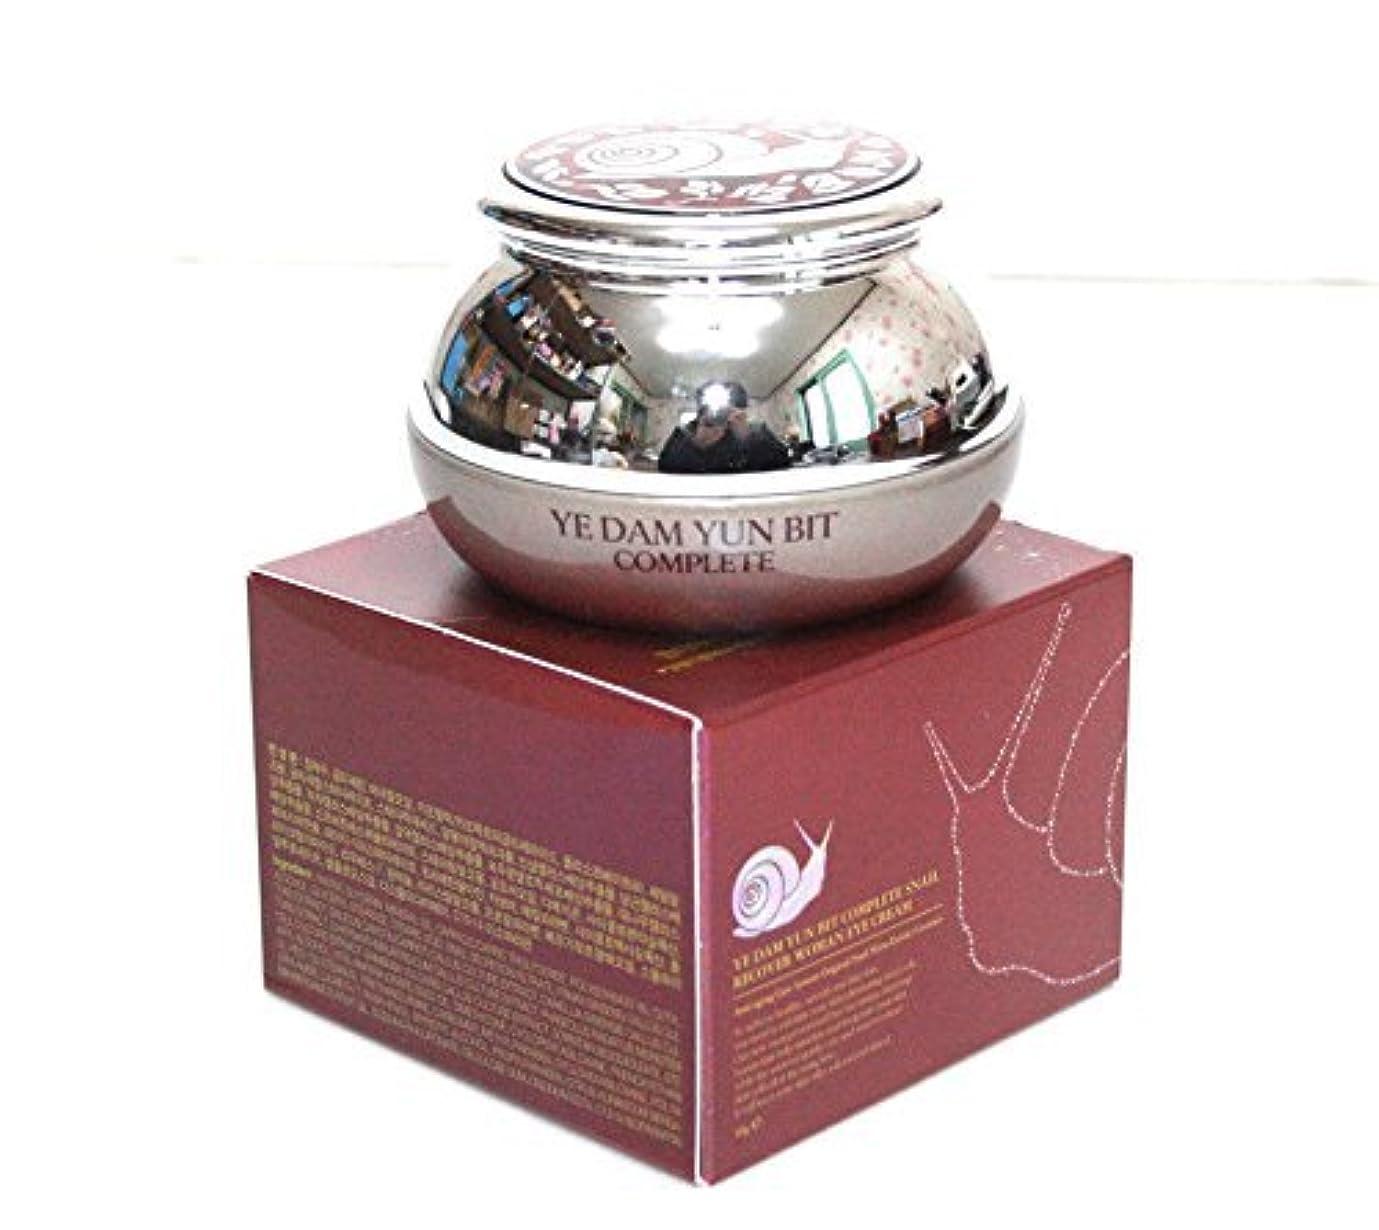 リブ決して専門[YEDAM YUN BIT] スキンが完成カタツムリ回復女性のアイクリーム50ml/韓国の化粧品/COMPLETE Skin Snail Recover Woman Eye Cream 50ml/Korean cosmetics...